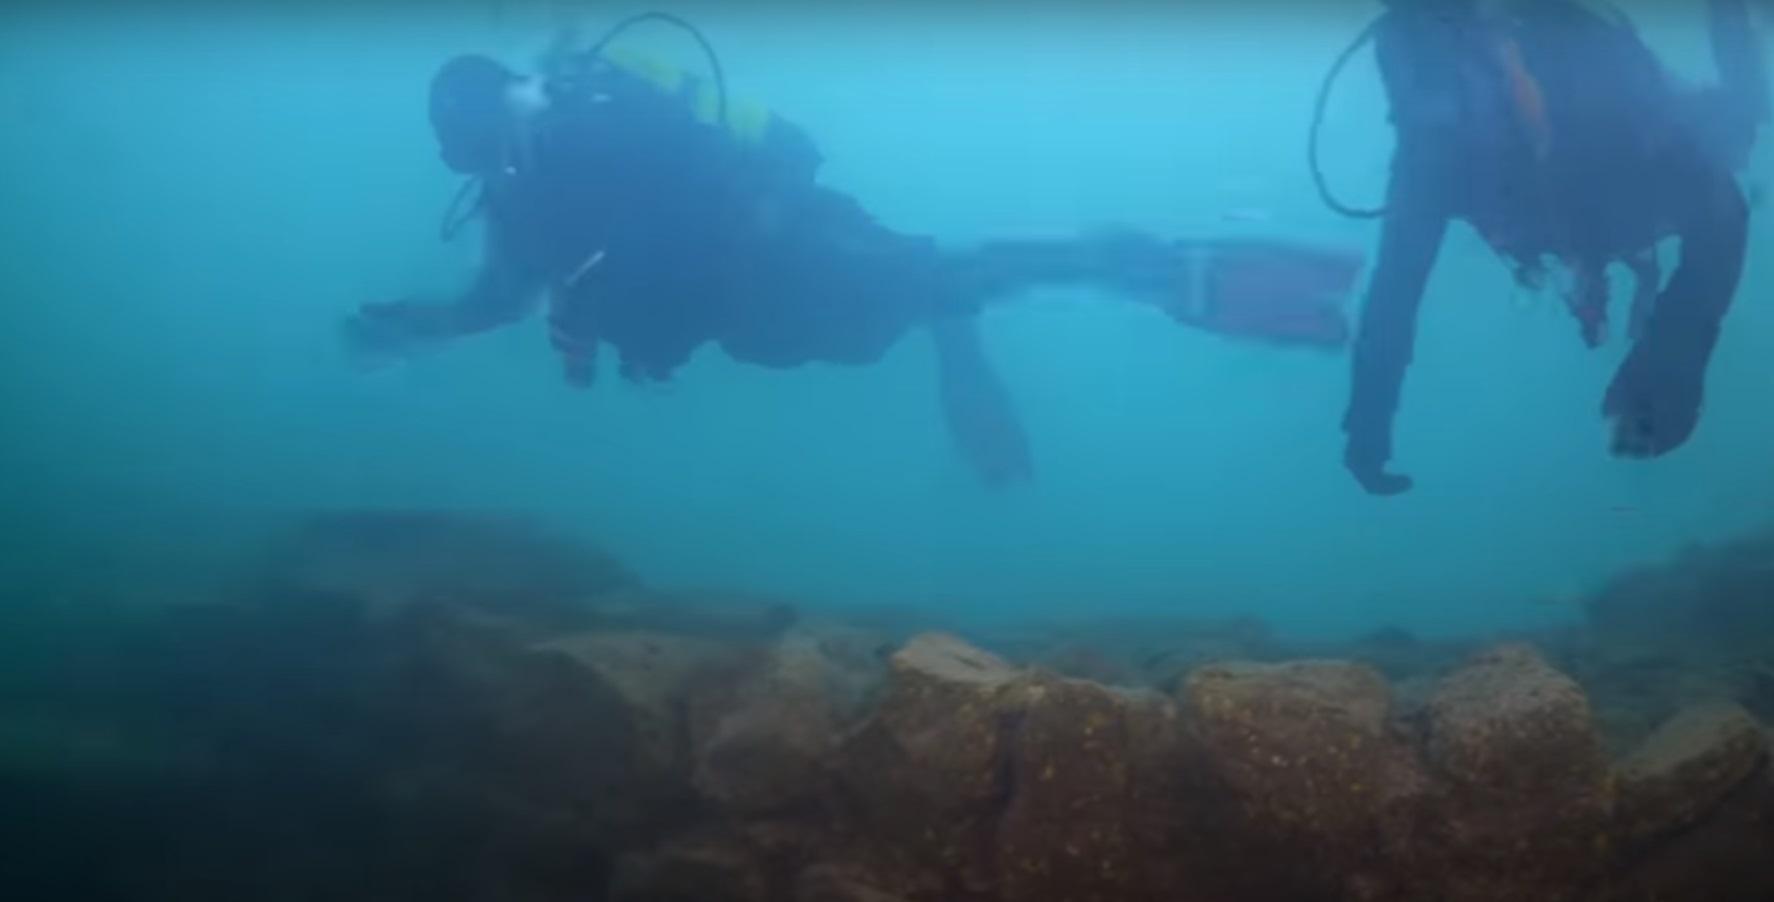 Niesamowite odkrycie na dnie tureckiego jeziora wstrząsnęło światem nauki. Wiele osób, które pracowały przy tym znalezisku określiło to cudem